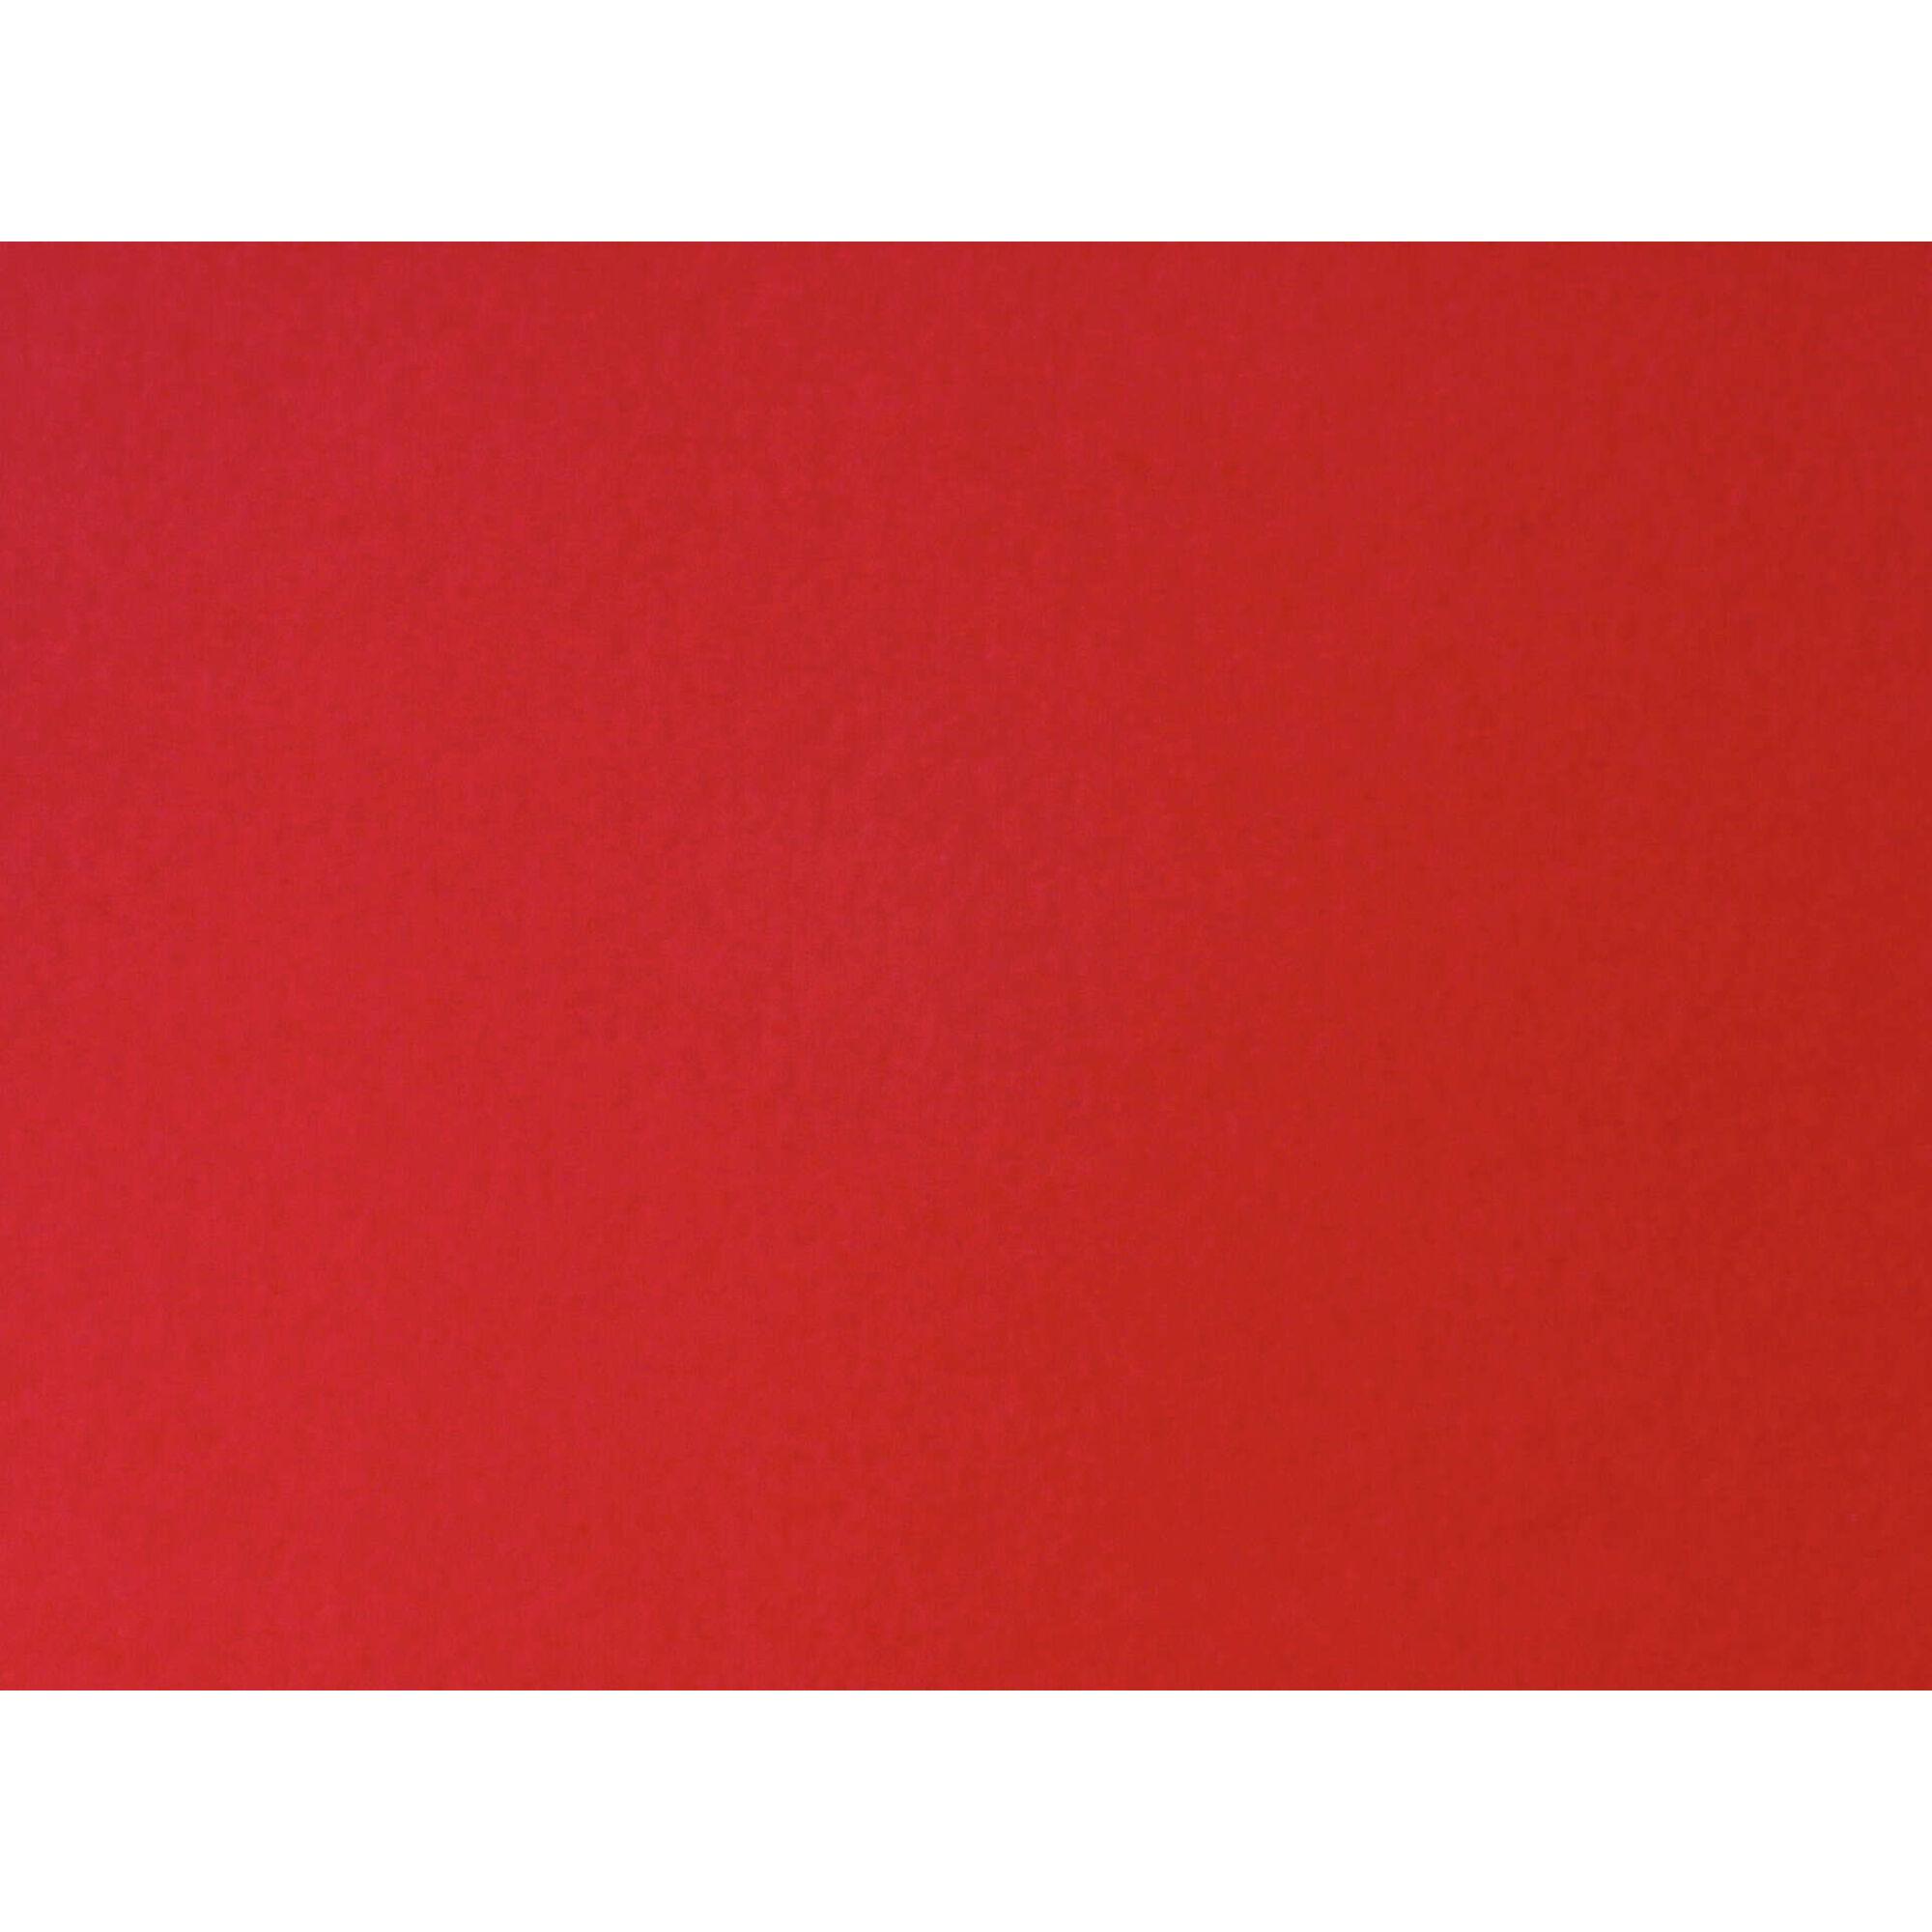 Cartolina Vermelha 50x65cm